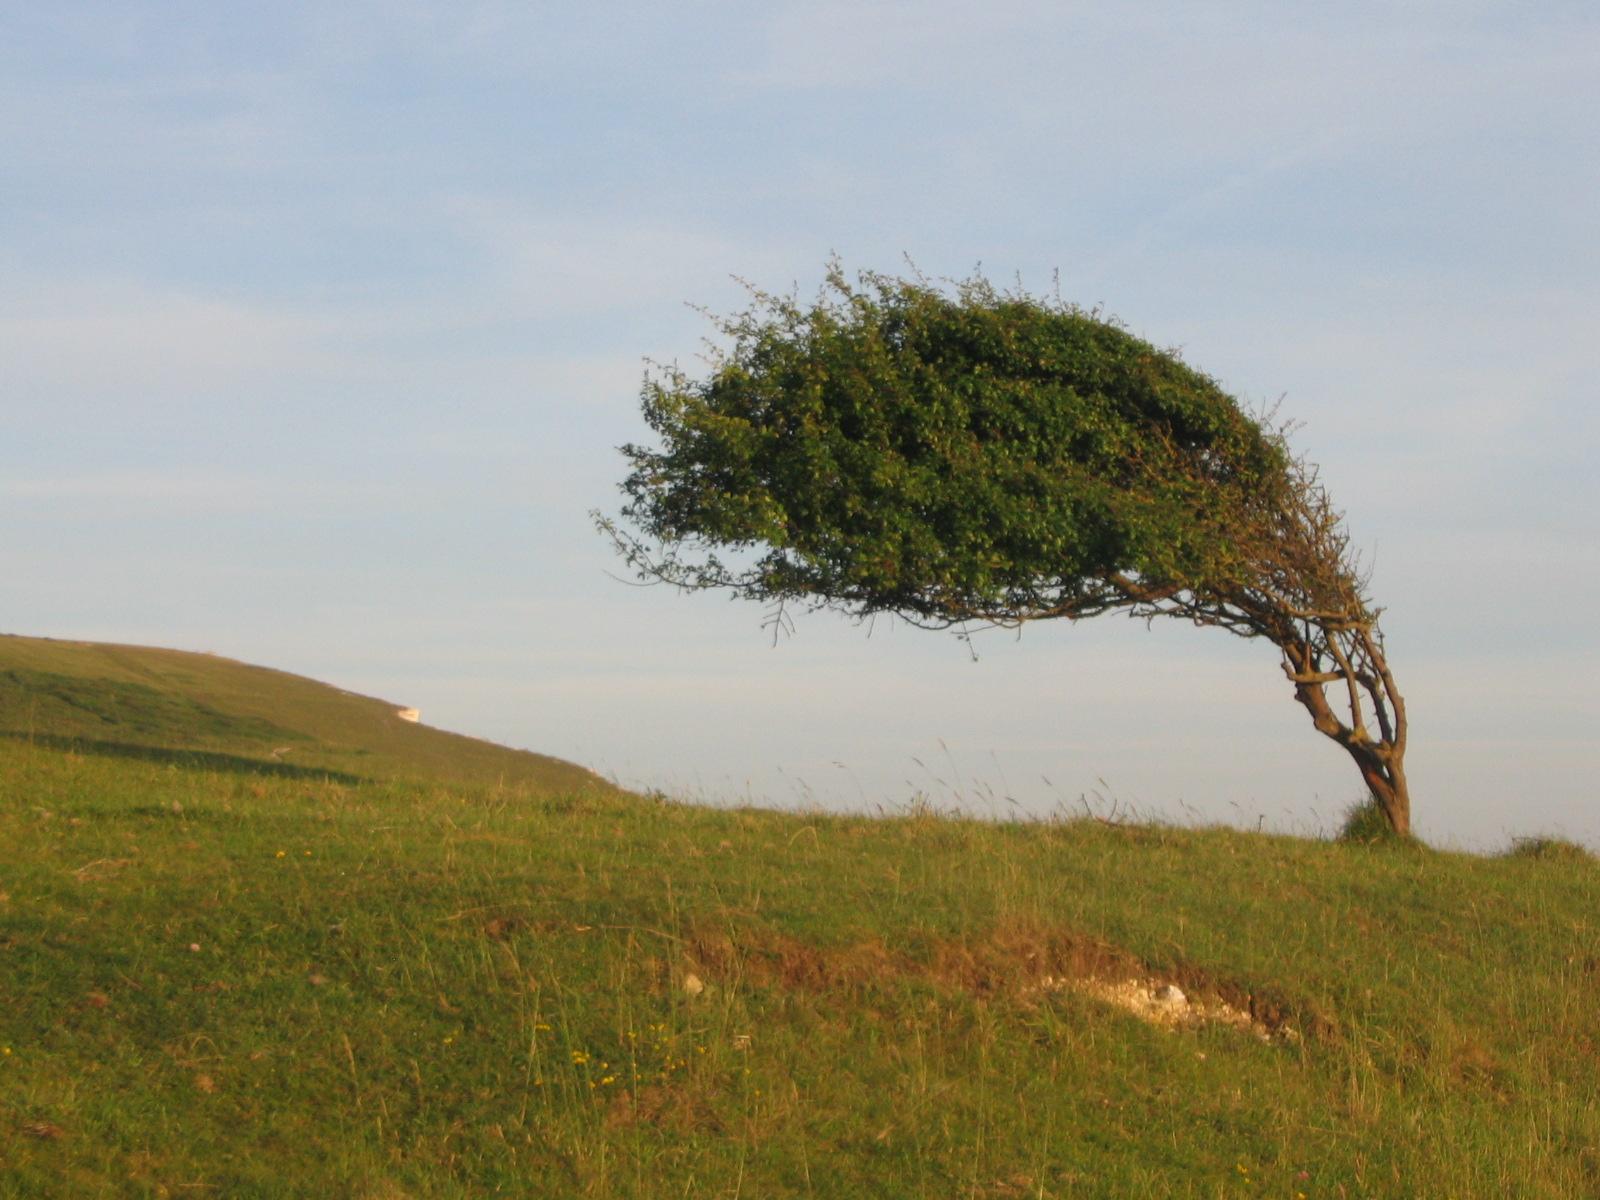 межкомнатные картинки как деревья гнет ветер день